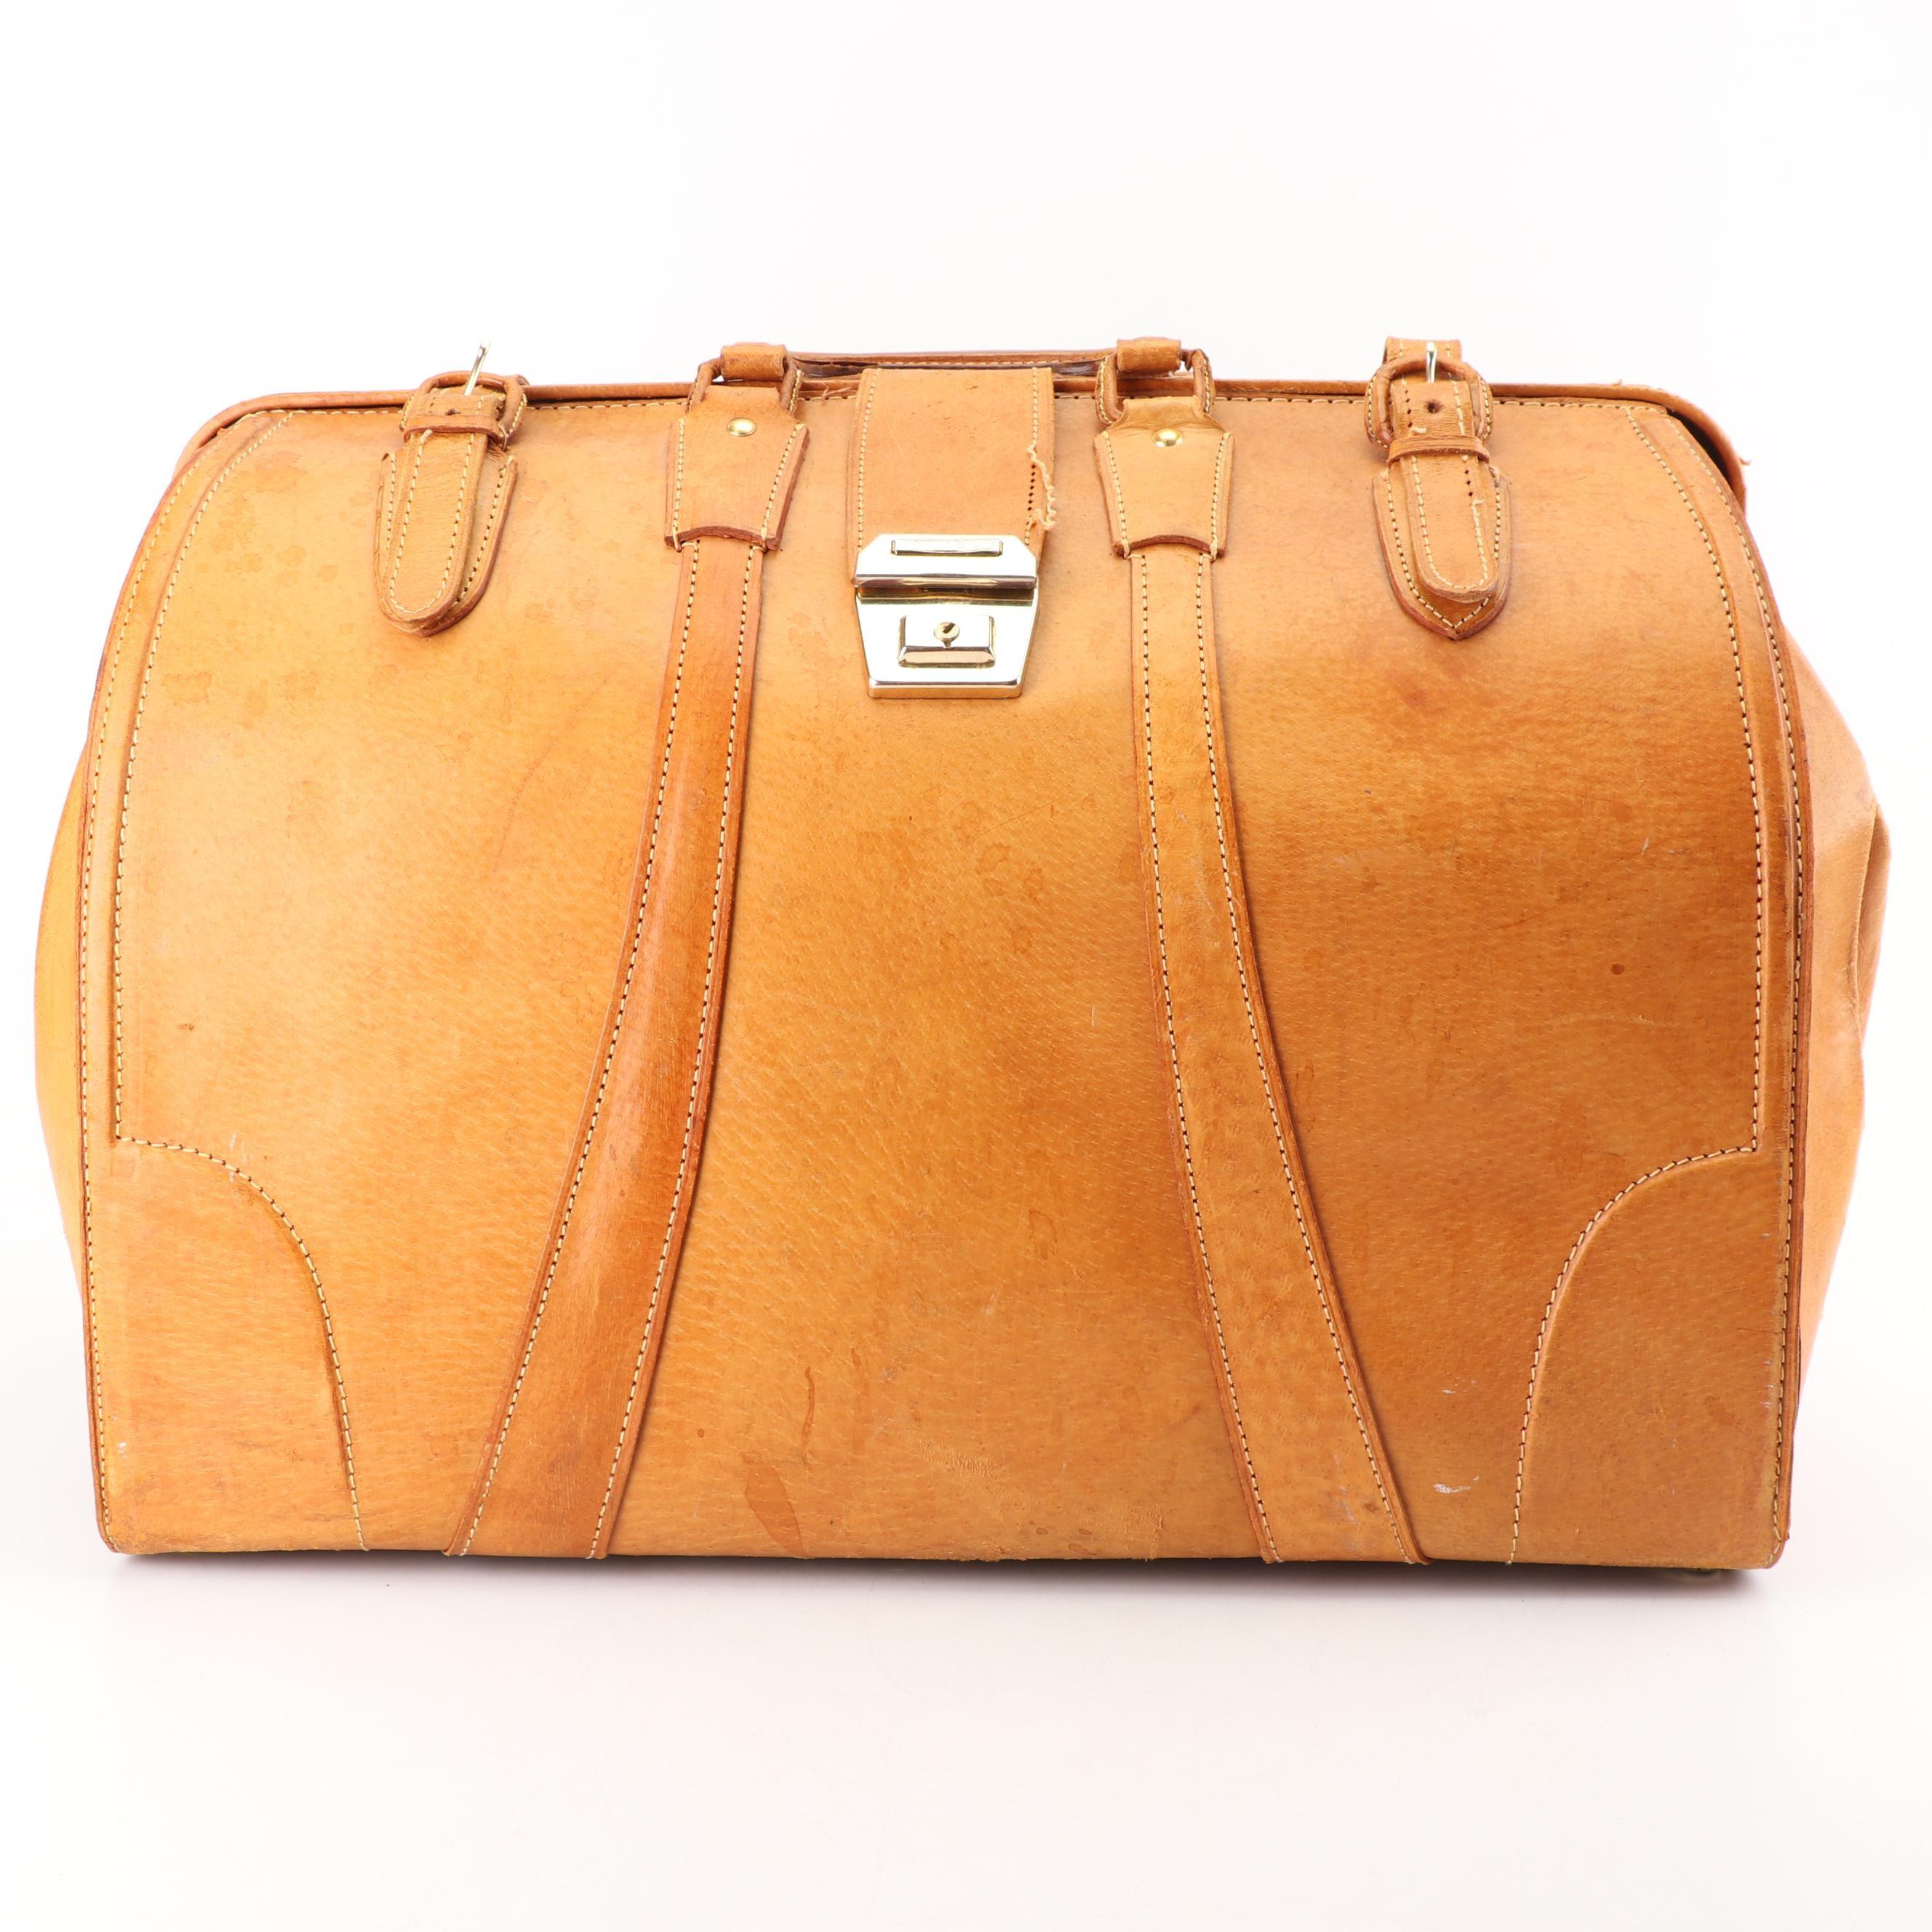 1950s Vintage Golden Leaf of Shanghai, China Tan Pigskin Leather Doctor's Bag